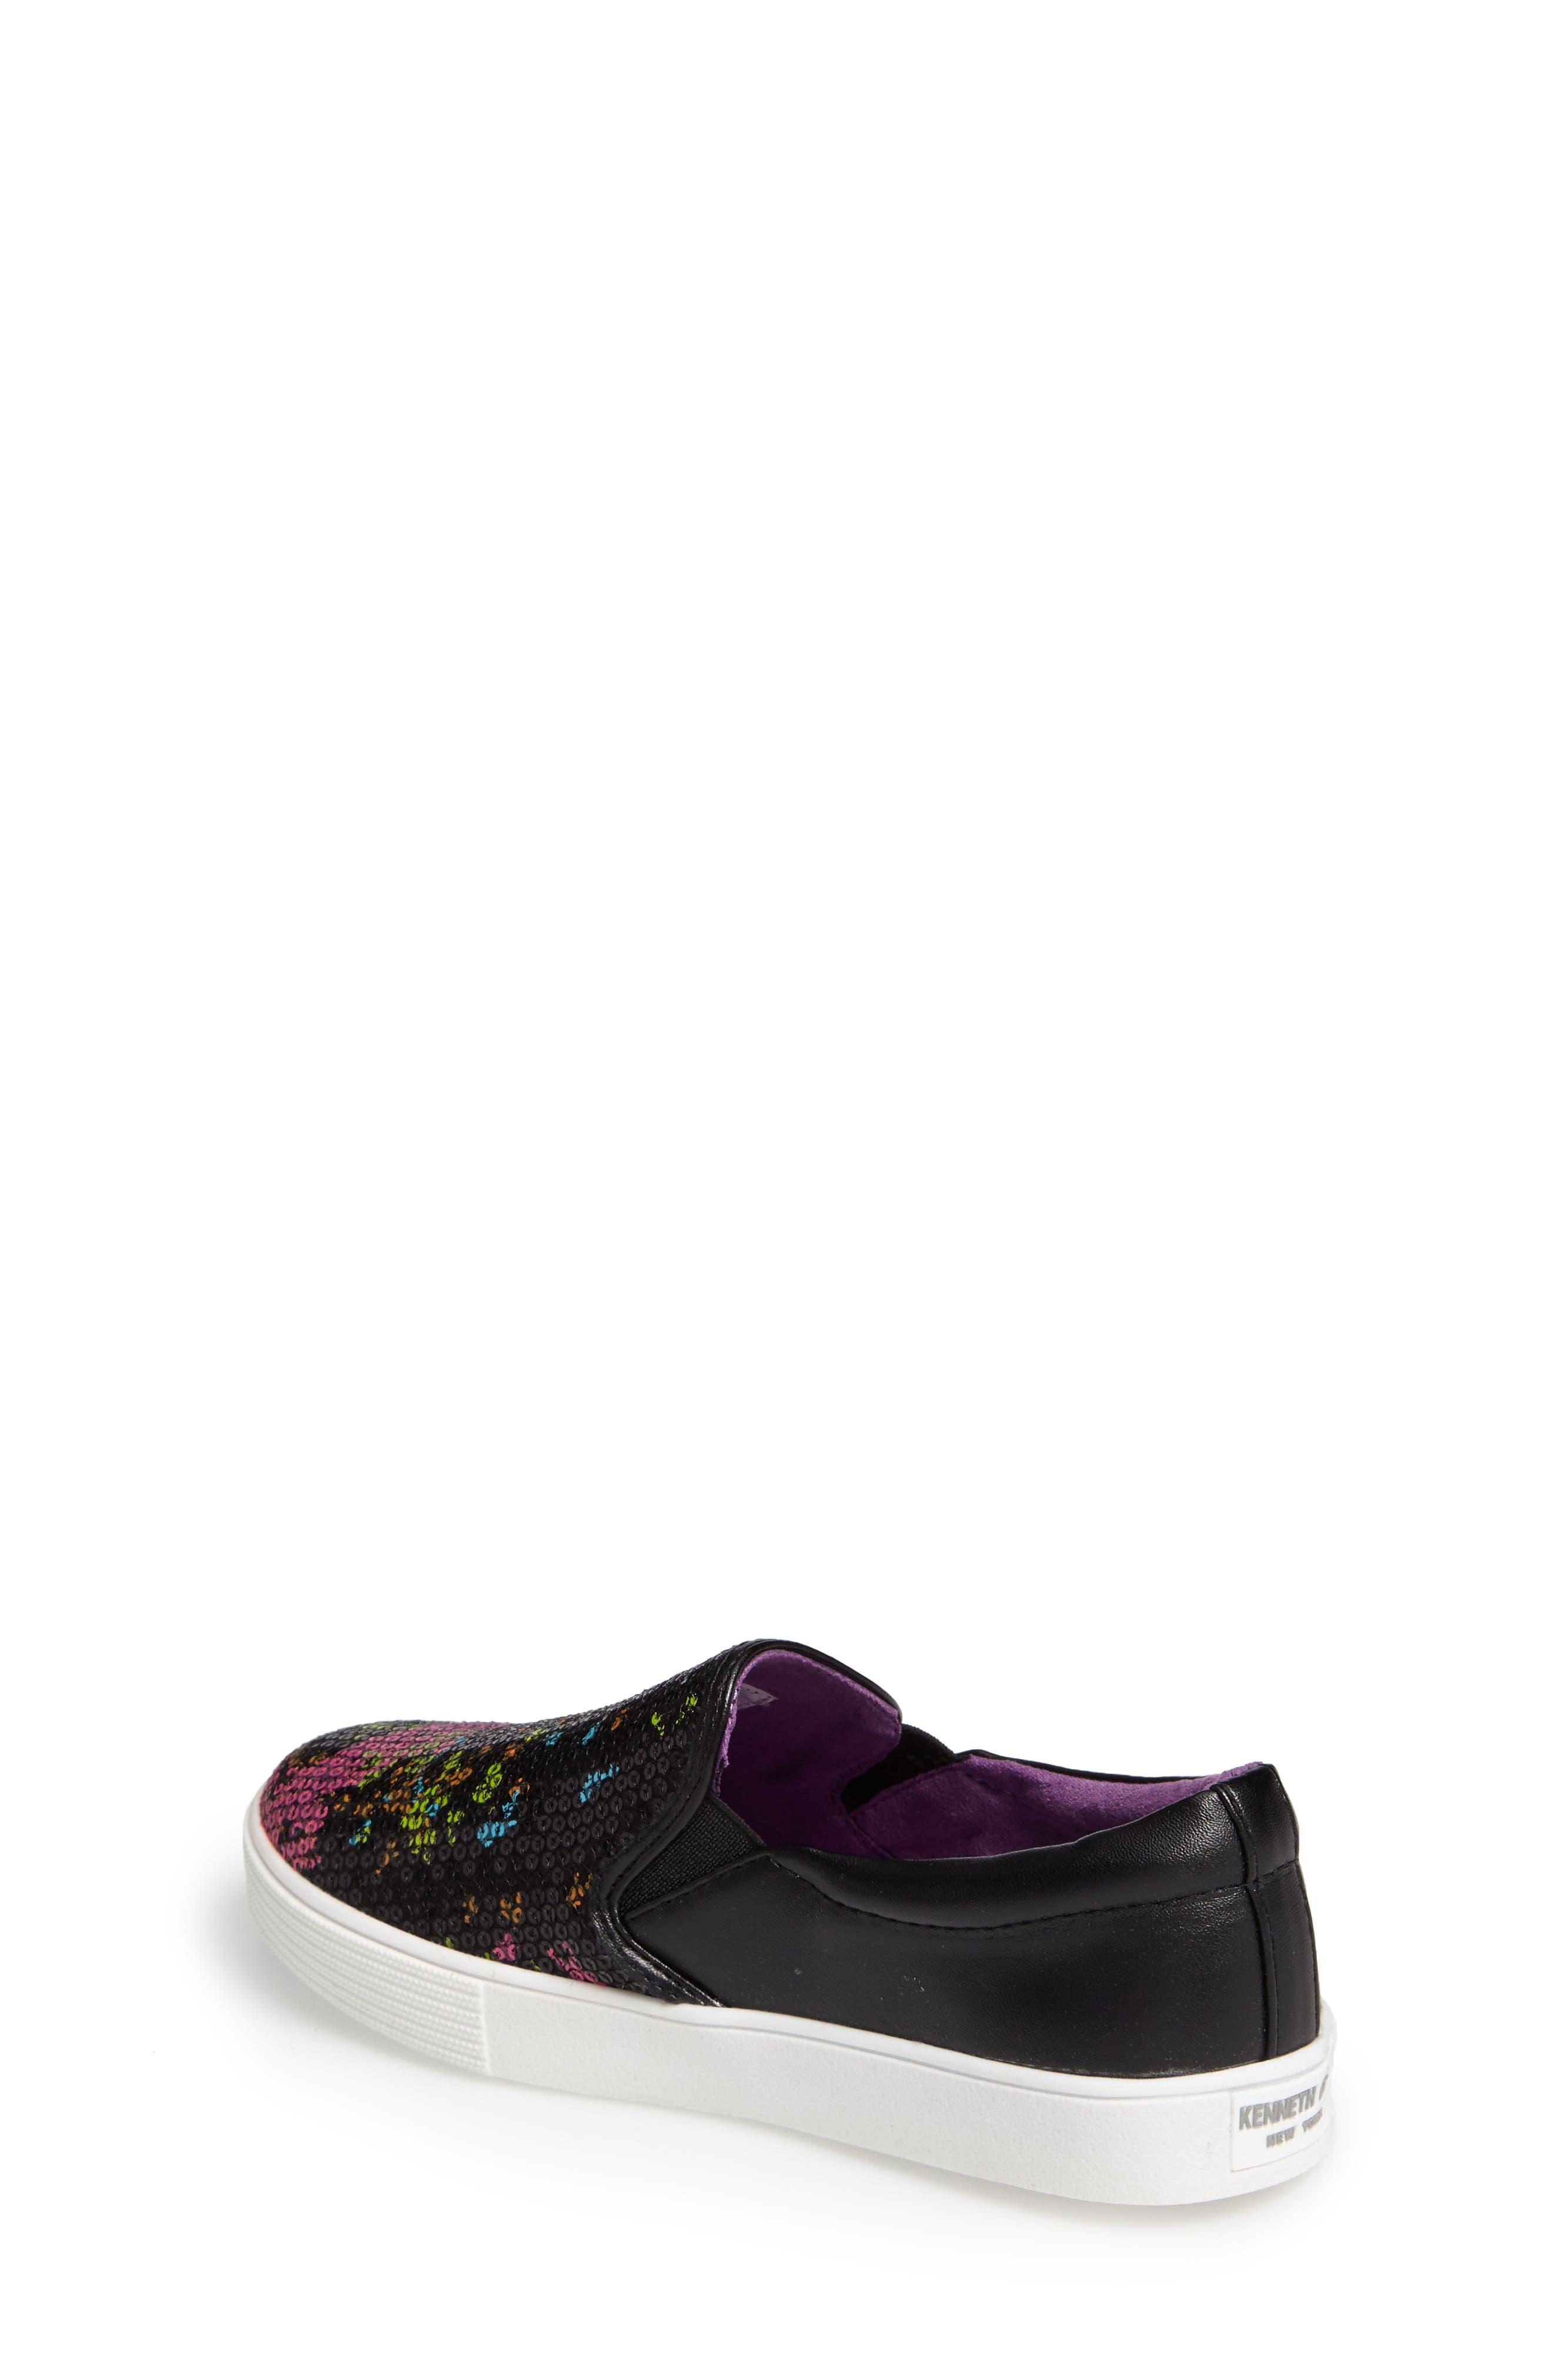 Kam Paint Slip-On Sneaker,                             Alternate thumbnail 2, color,                             001